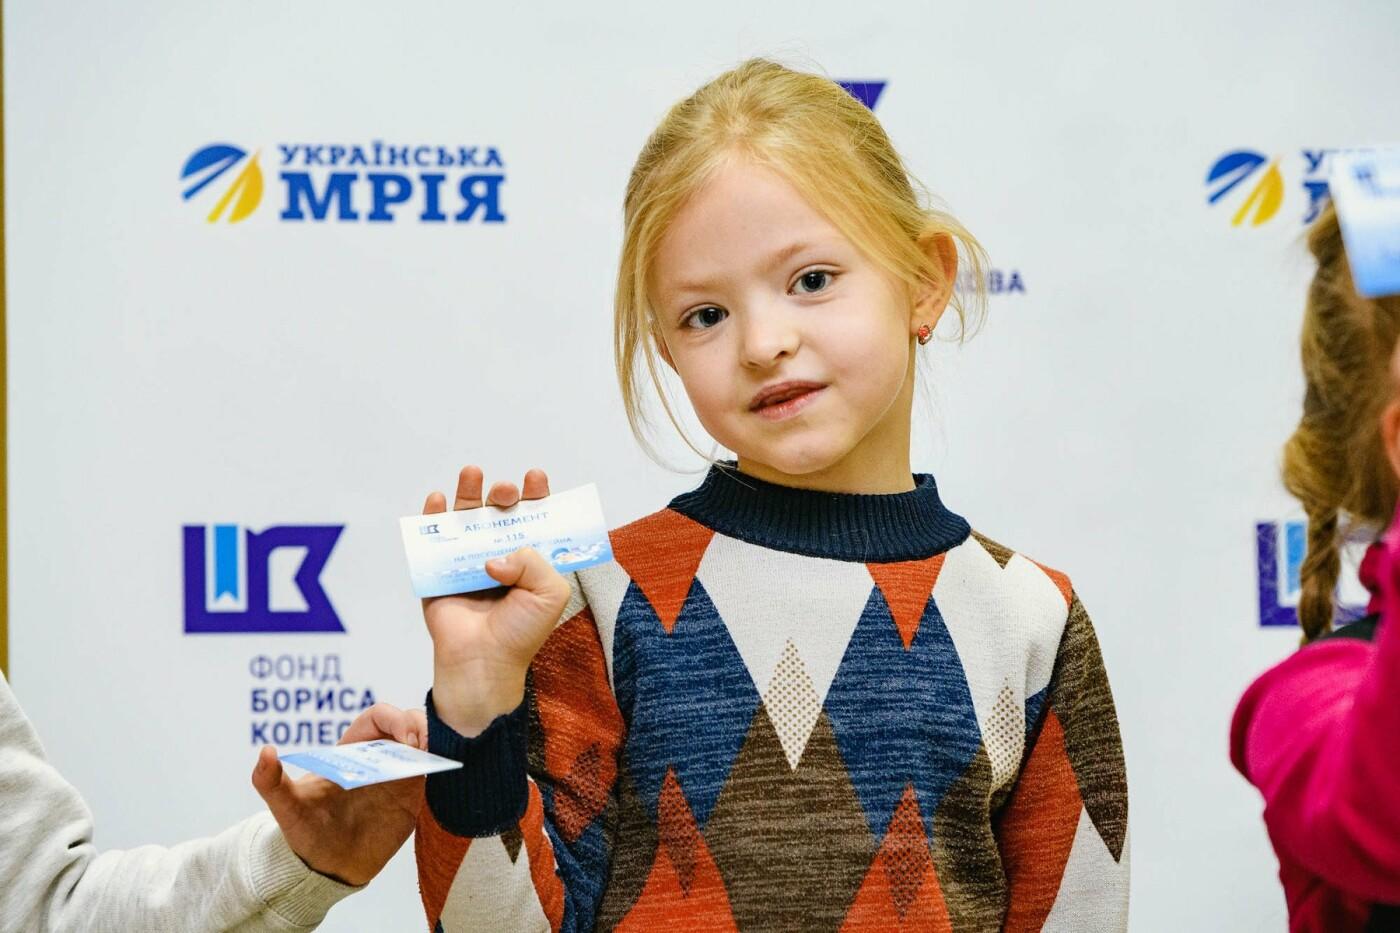 Попечительские советы под эгидой Фонда Бориса Колесникова реализуют социальные проекты в Донецкой области, фото-1